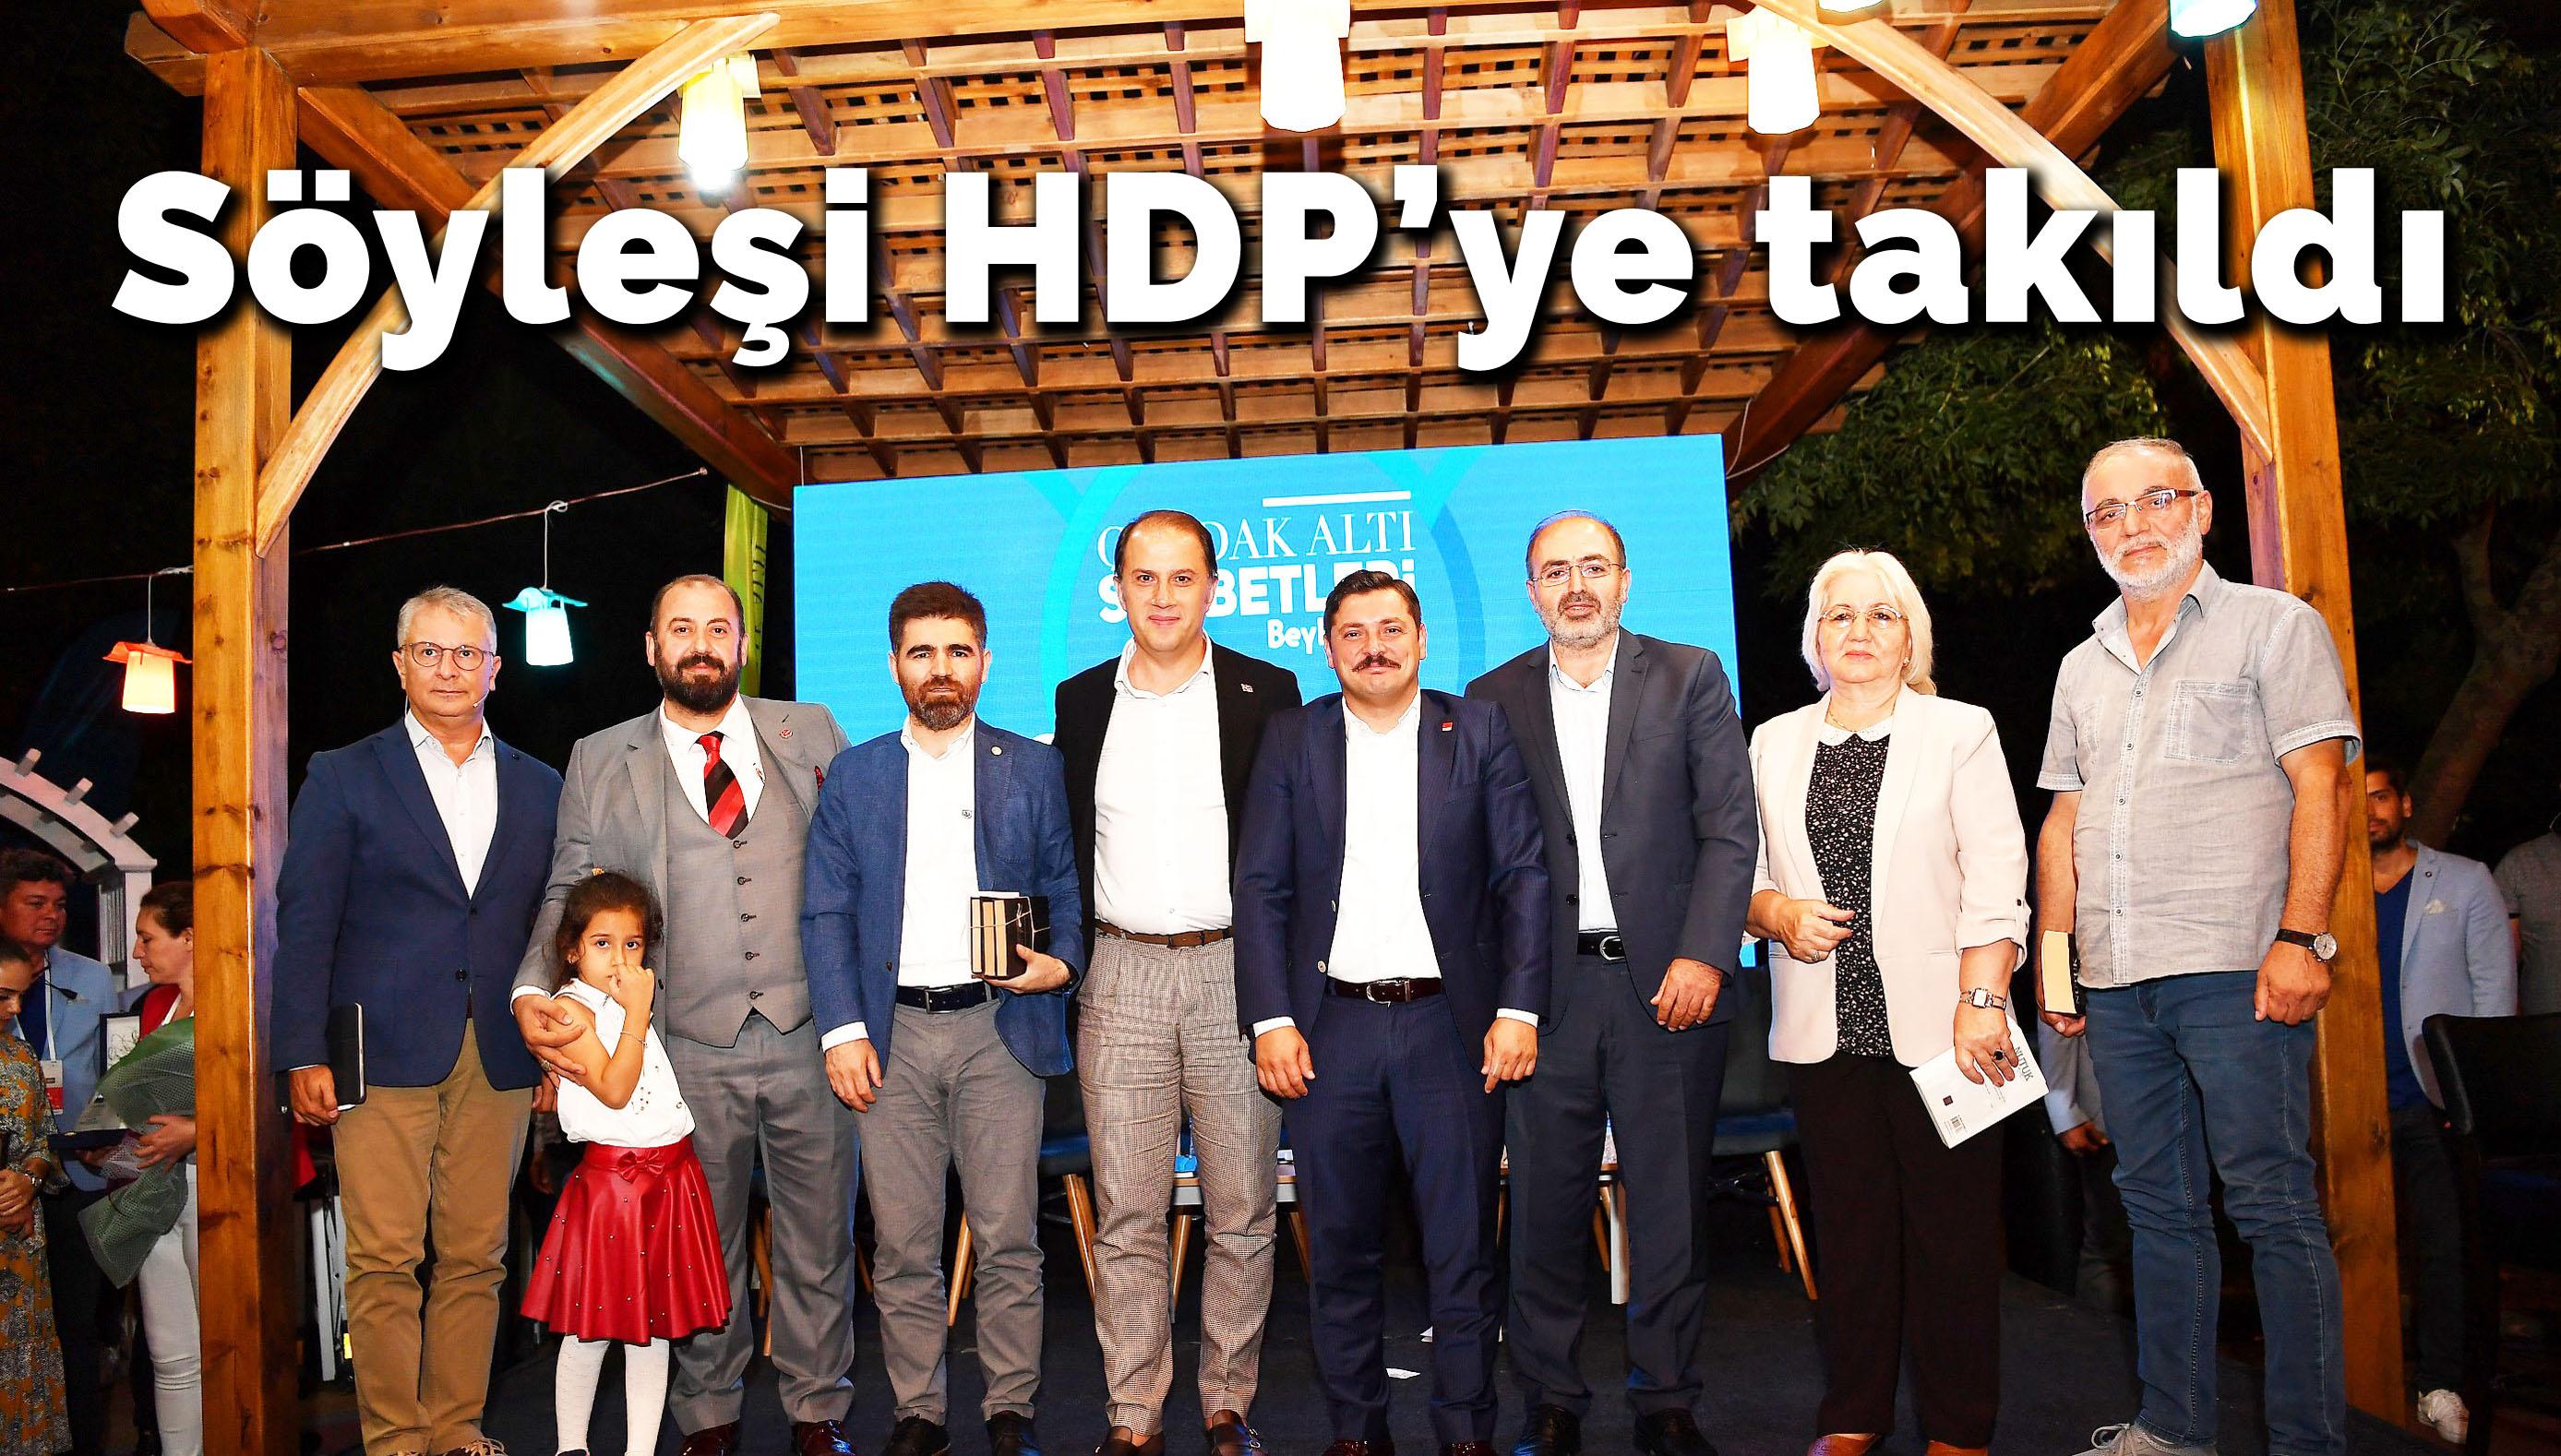 Söyleşi HDP'ye takıldı